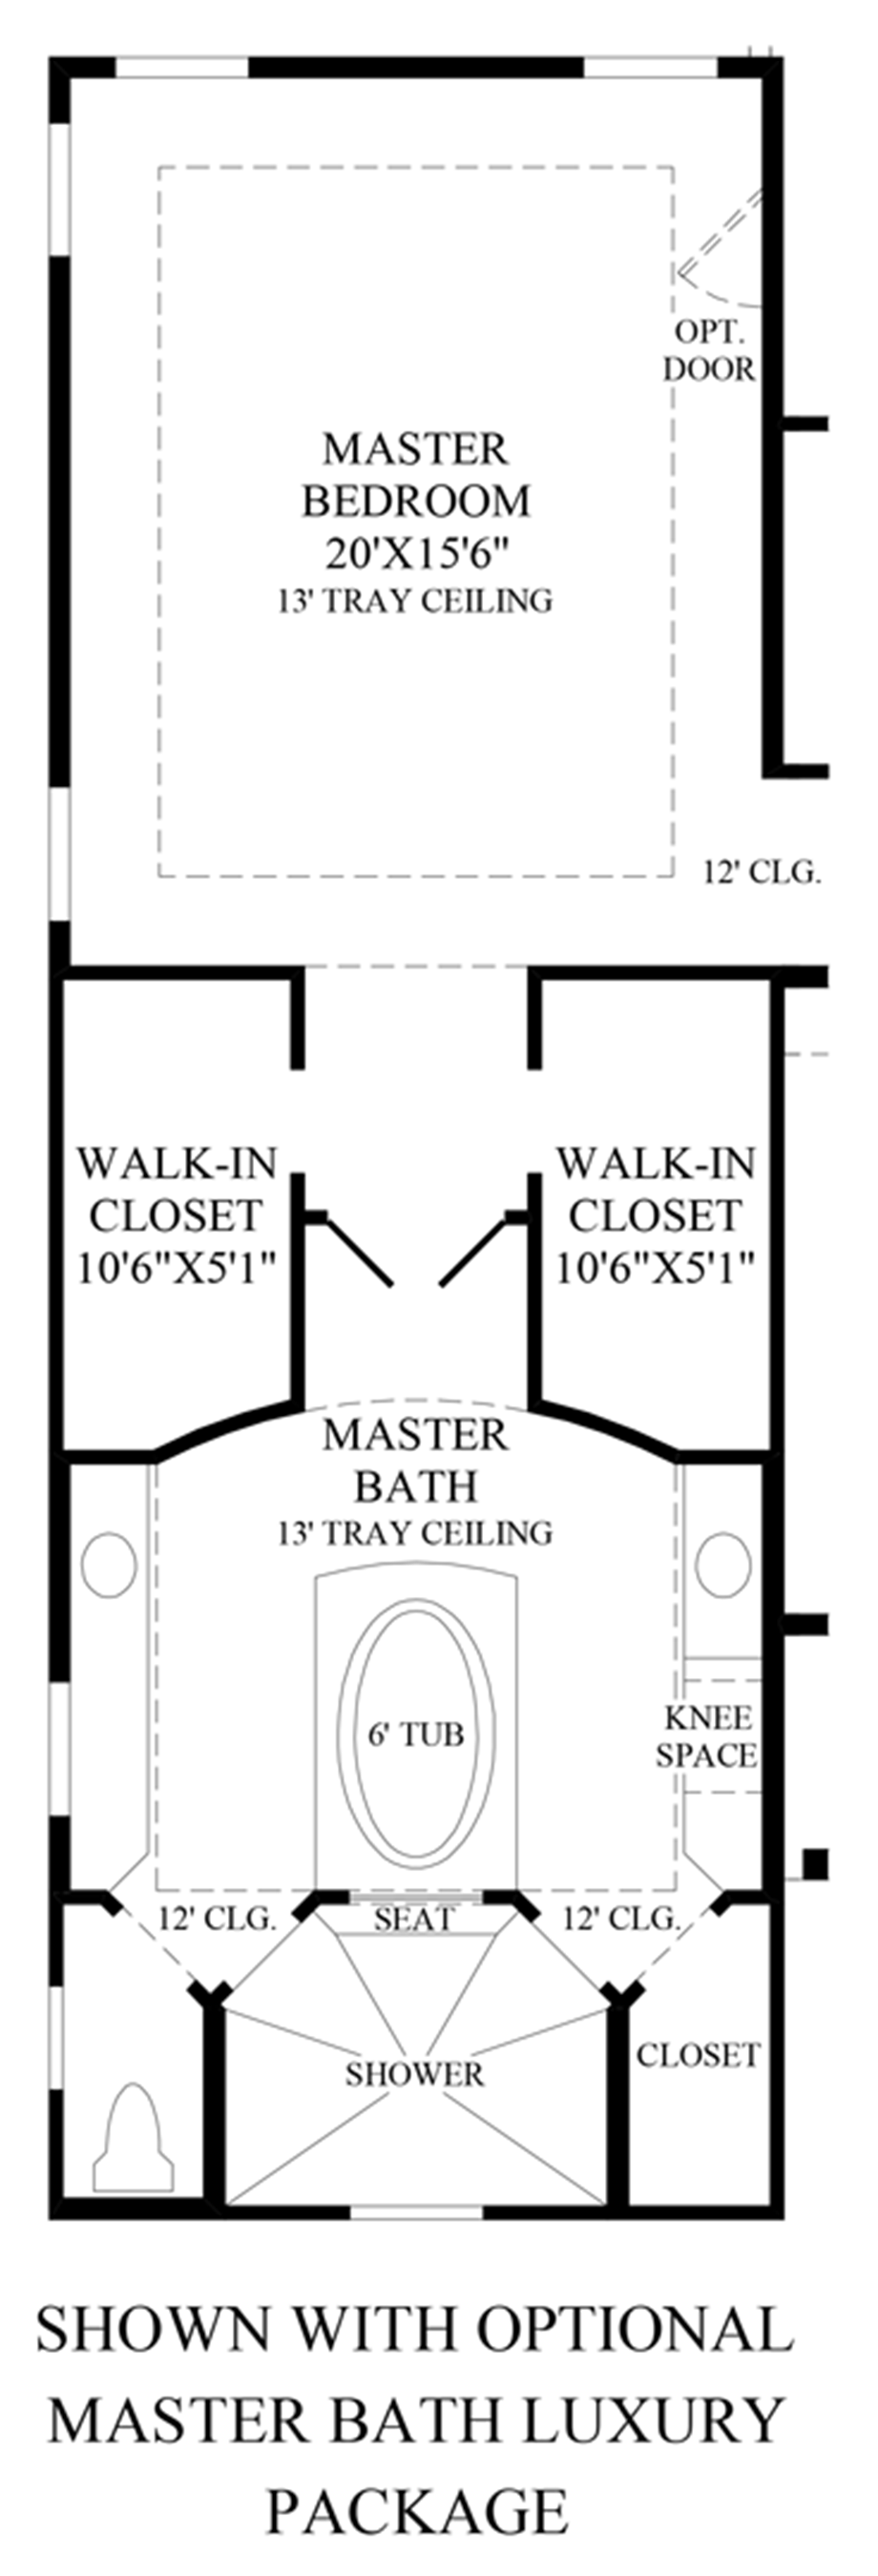 Optional Master Bath Luxury Package Floor Plan